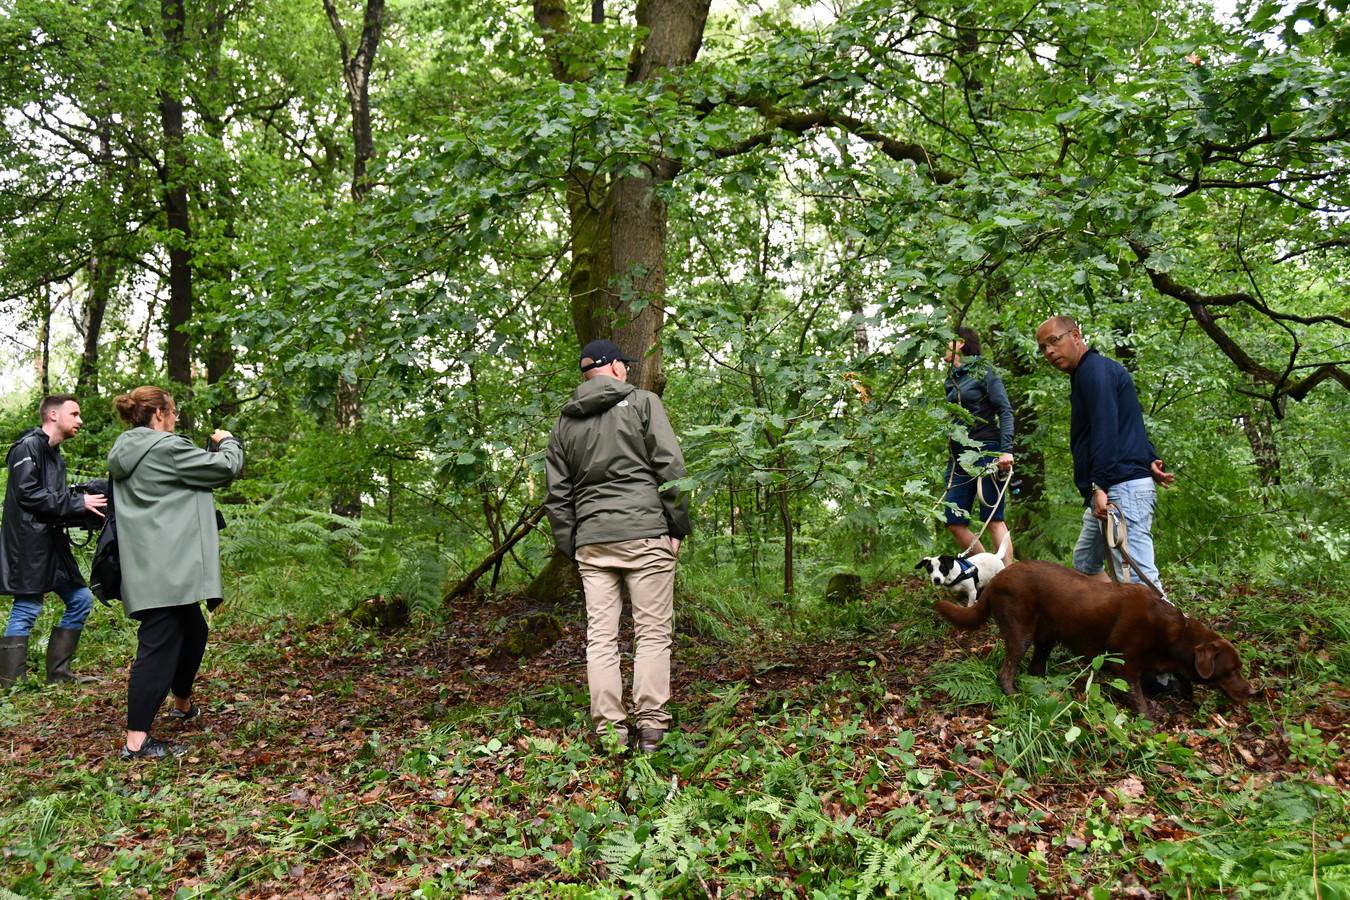 """Le corps de Conings était situé """"au pied d'un arbre, sur un talus, dont la vue était cachée par les fougères"""